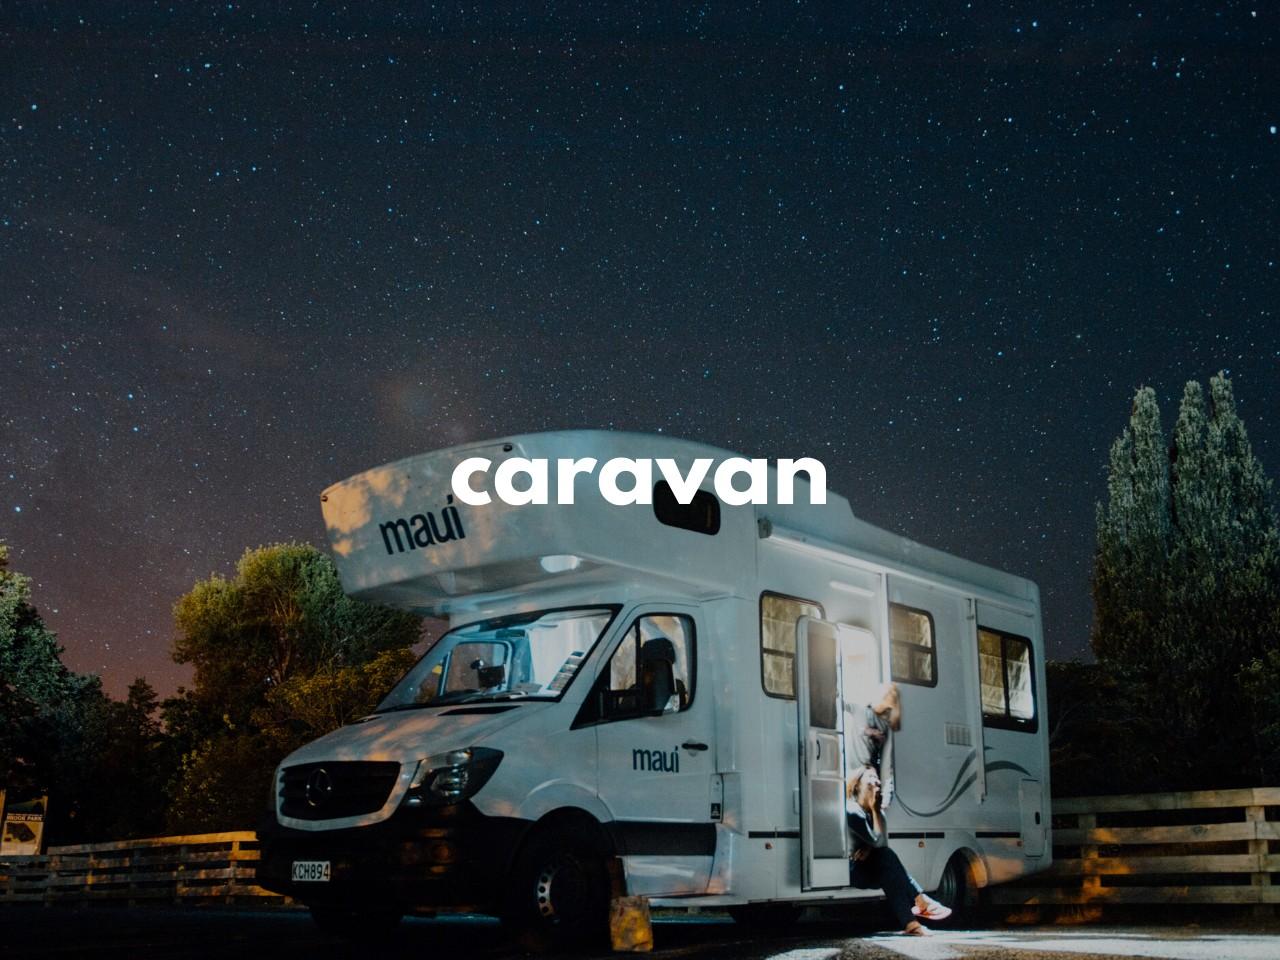 caravan: 移動住宅